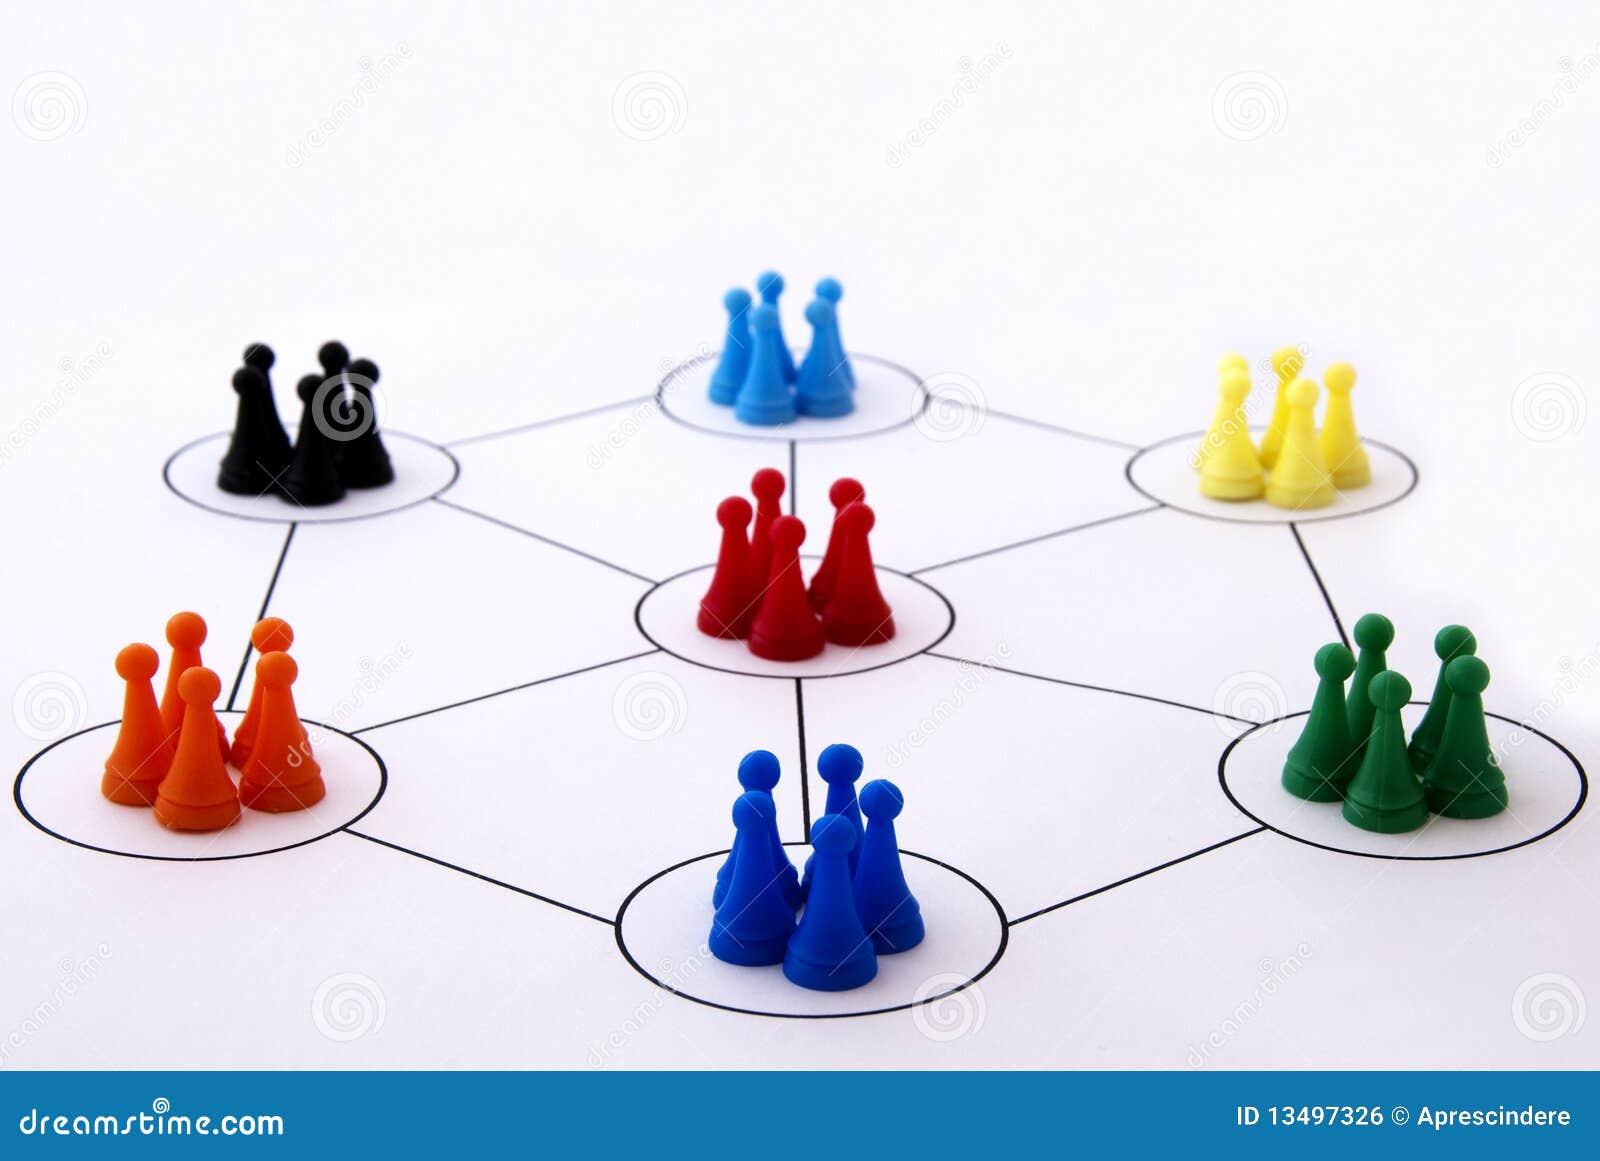 Gestion de réseau